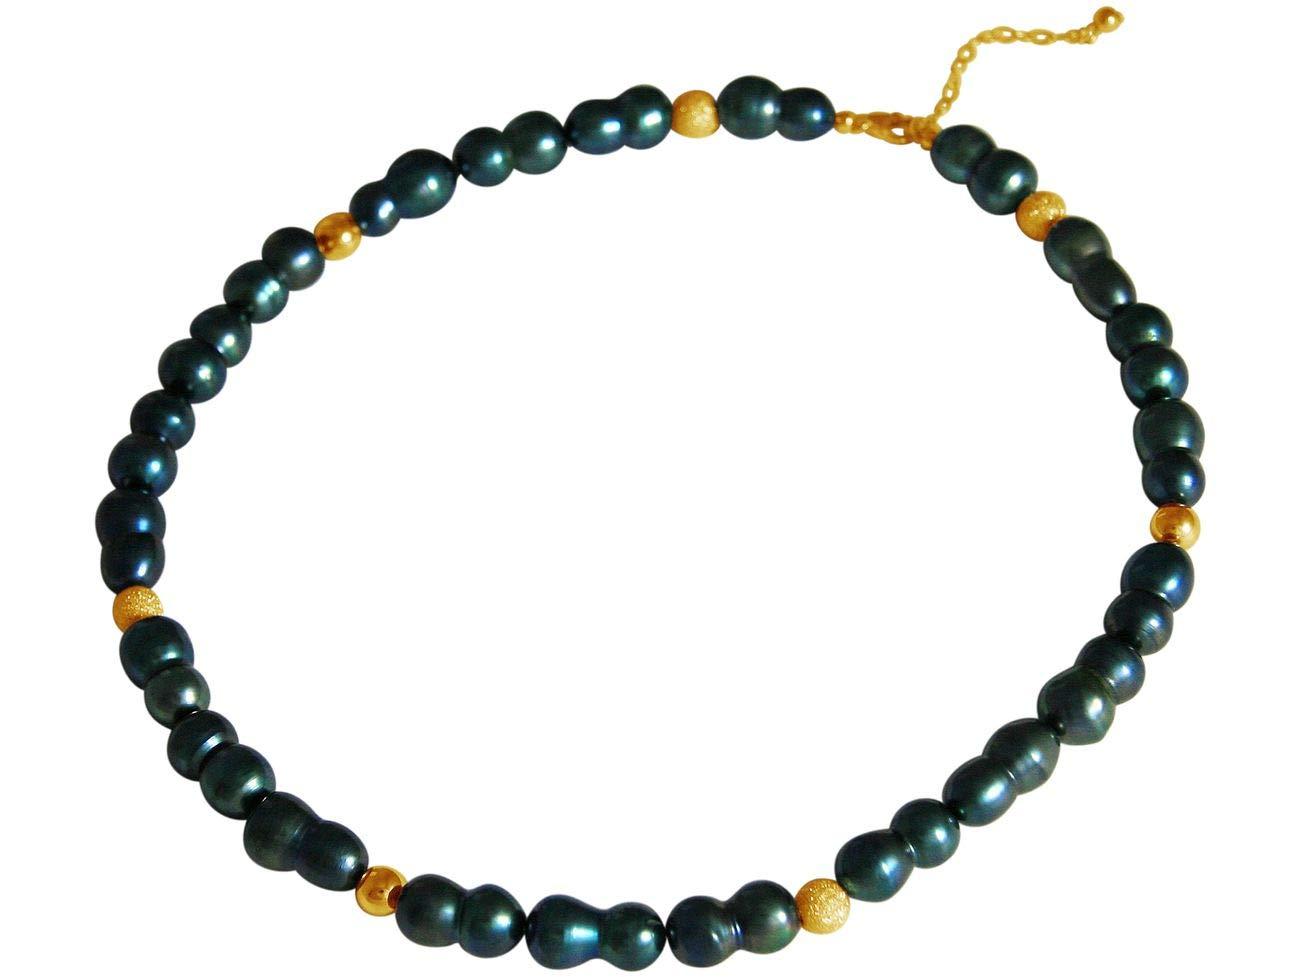 バロック養殖真珠925シルバーとGEMSHINEウィメンズネックレスまたは高品質の金メッキ - タヒチアングリーン。持続可能な、高品質のジュエリー、ドイツ製